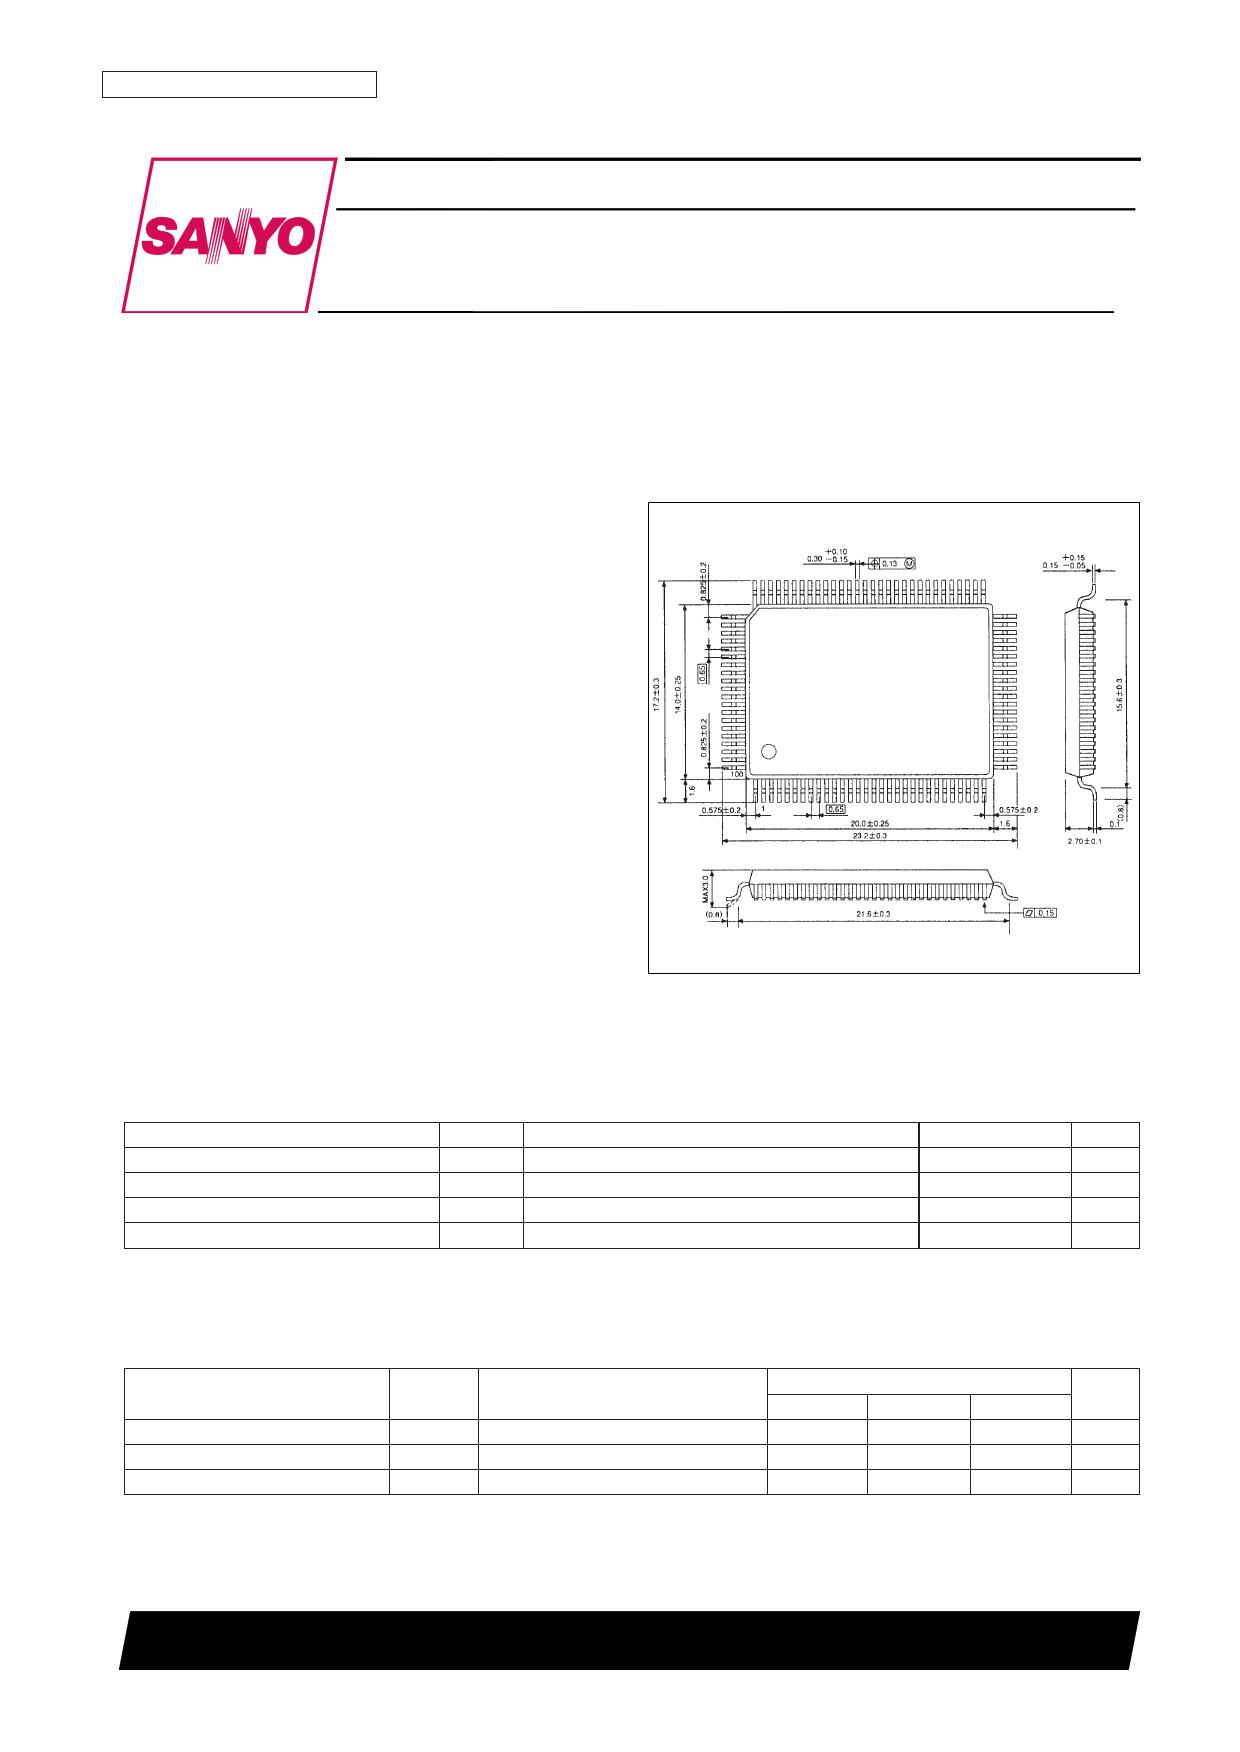 LC11011-141 datasheet